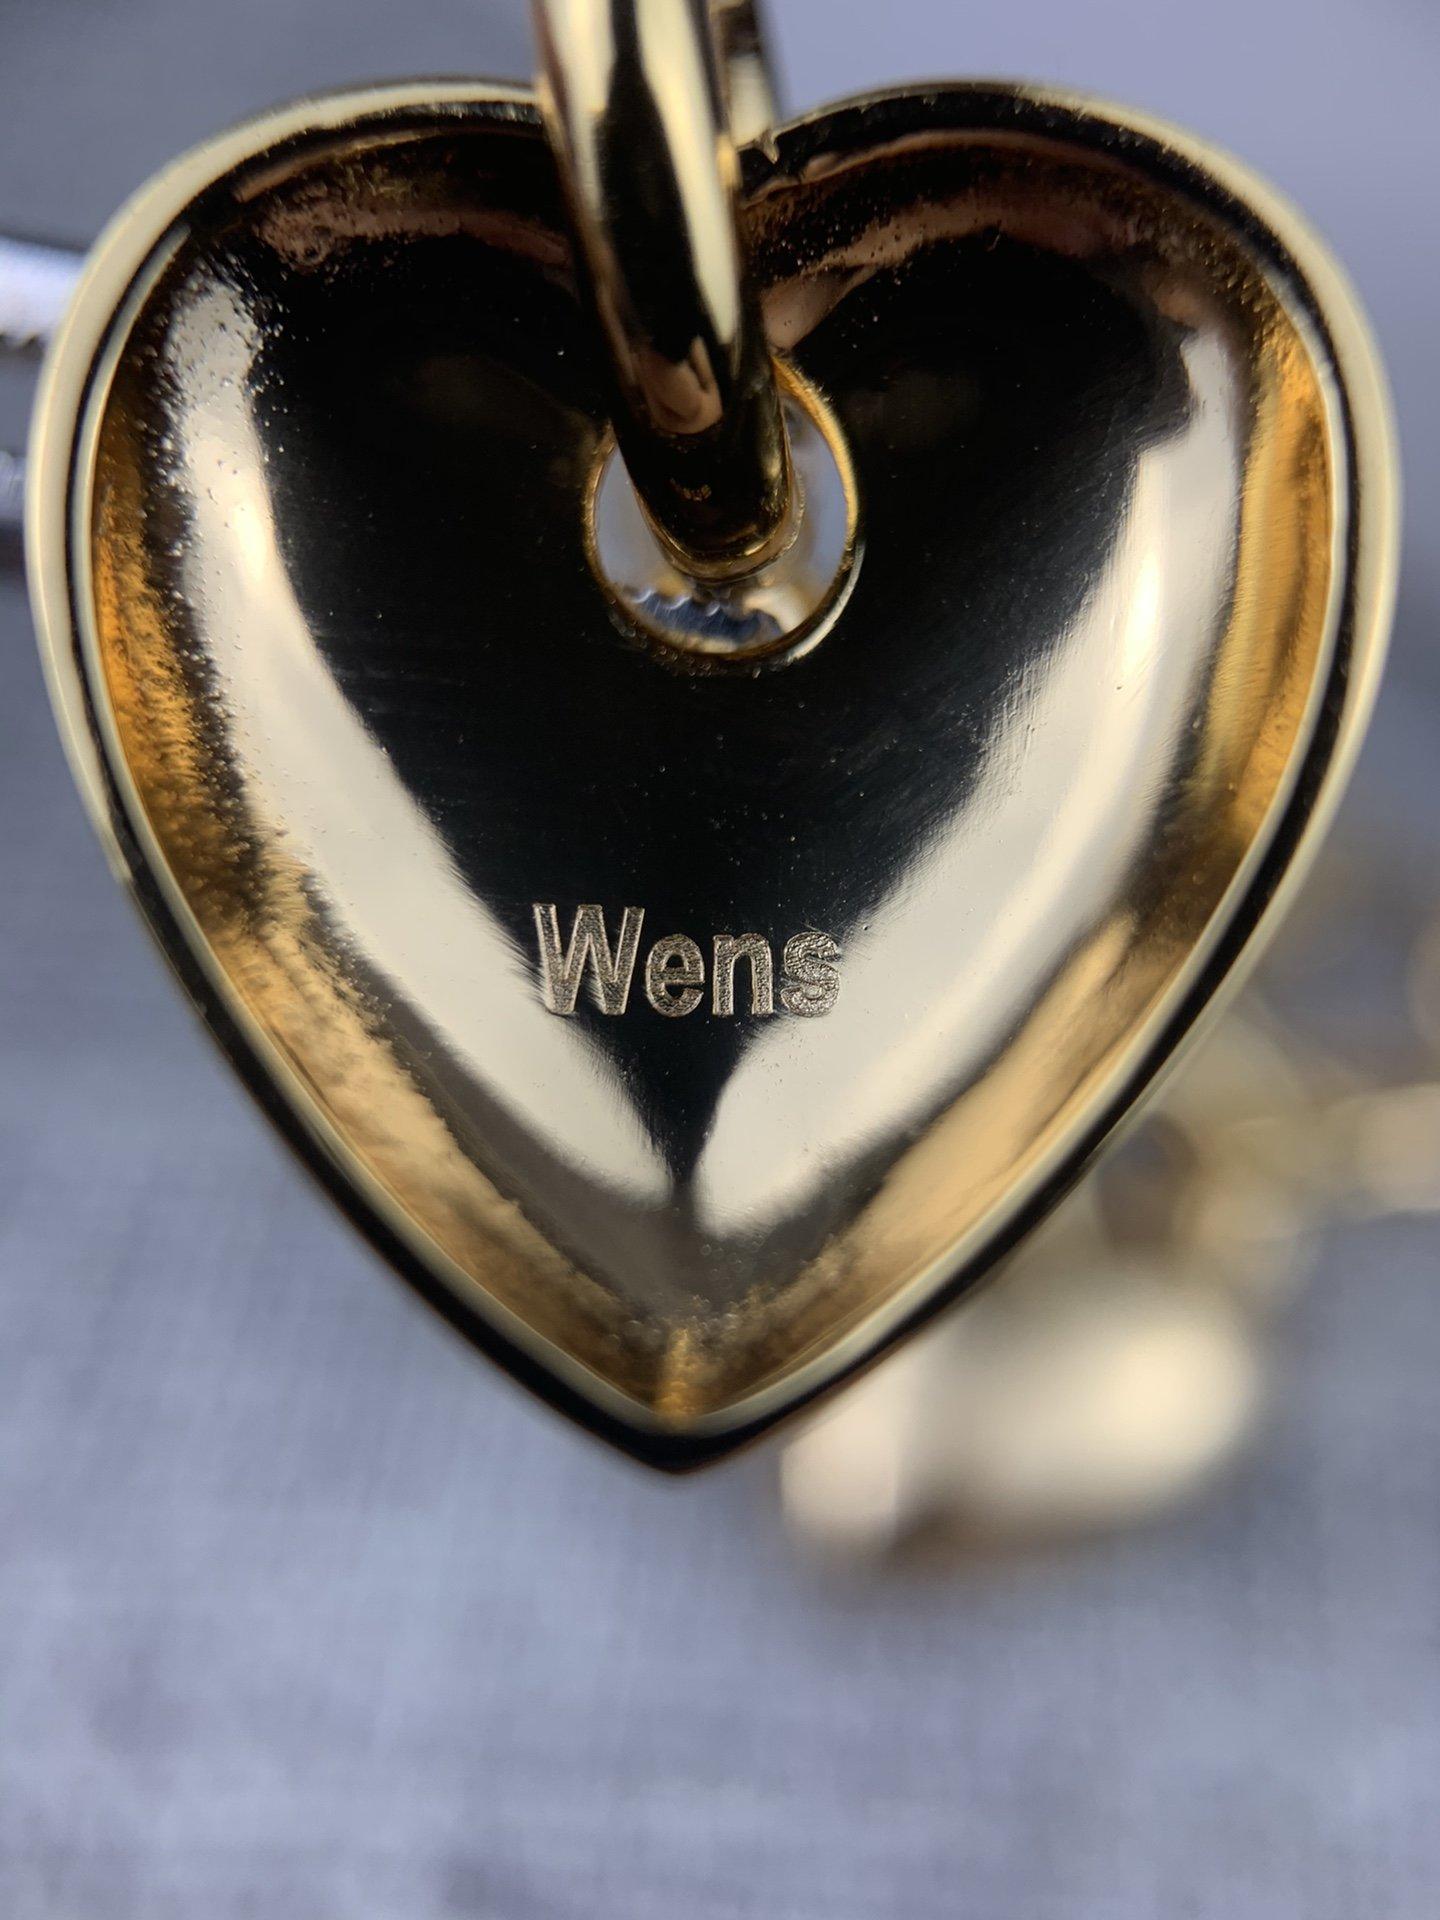 Wens爱心系列耳钉简单大方搭配衣服